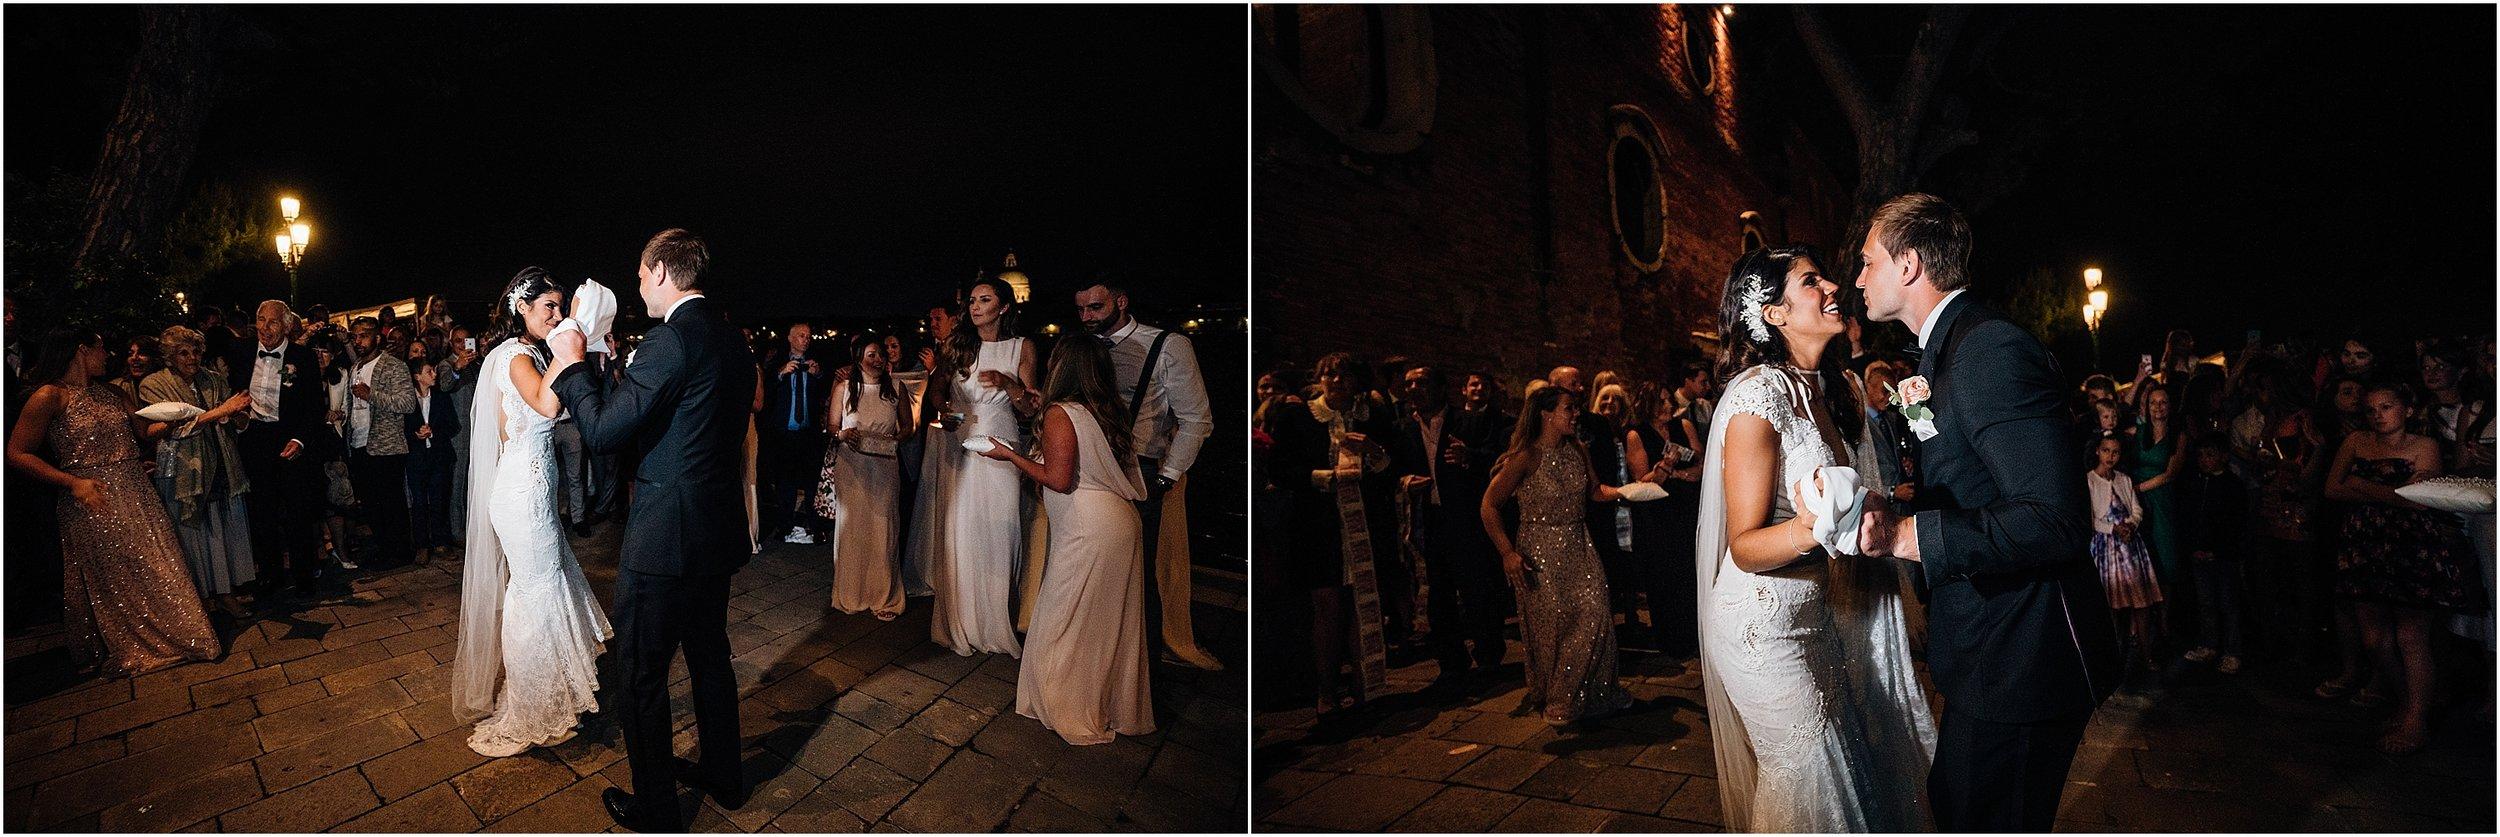 VENICE WEDDING PHOTOGRAPHER_0070.jpg